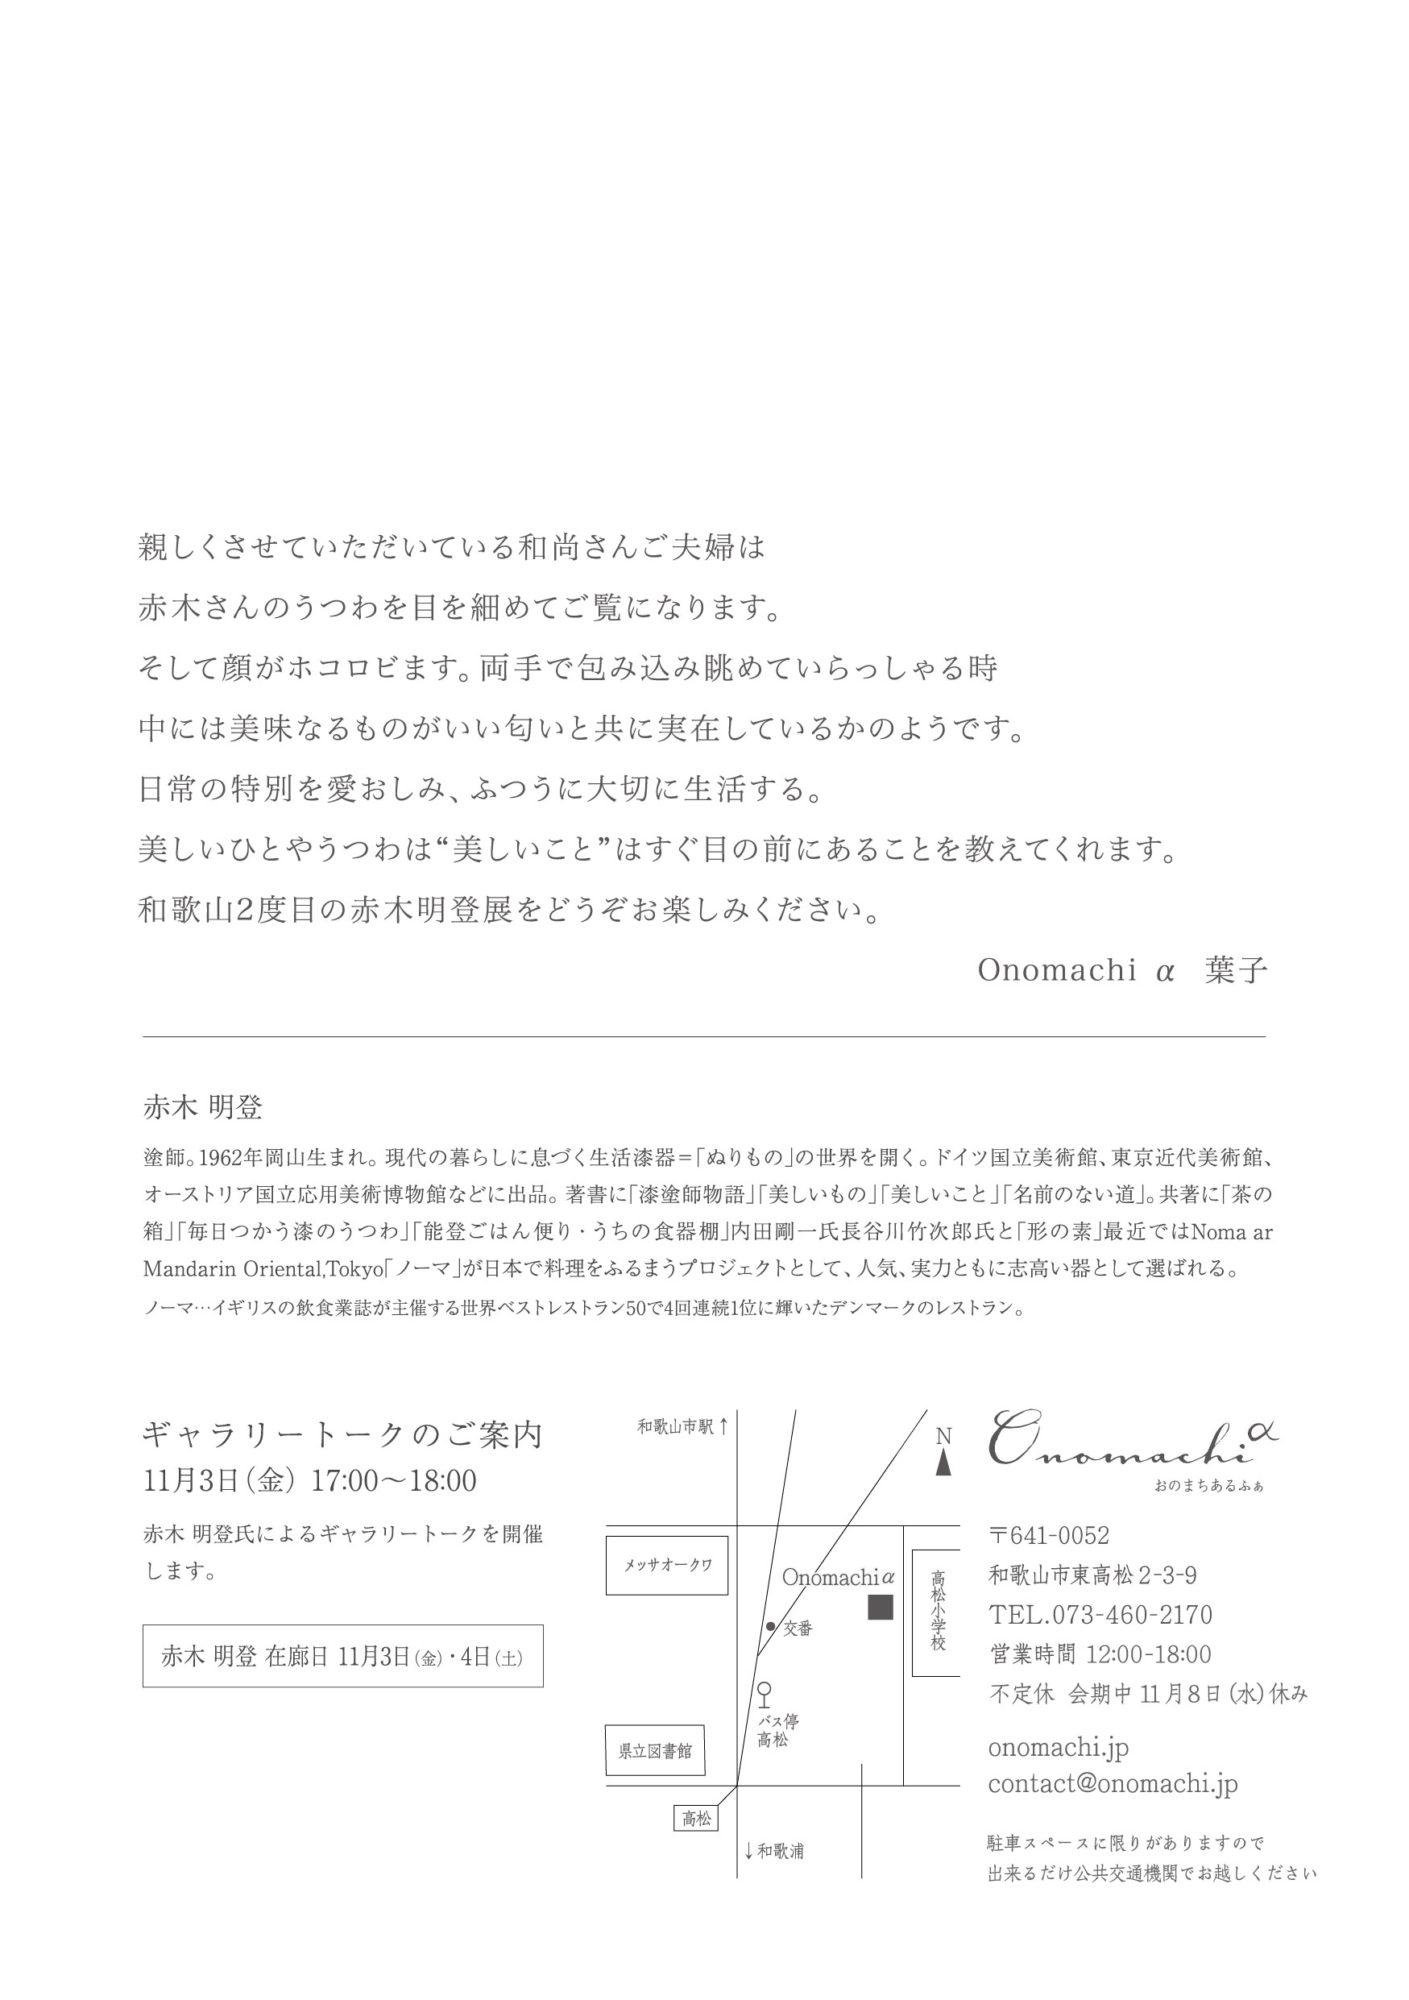 onomachi_akagi__-02